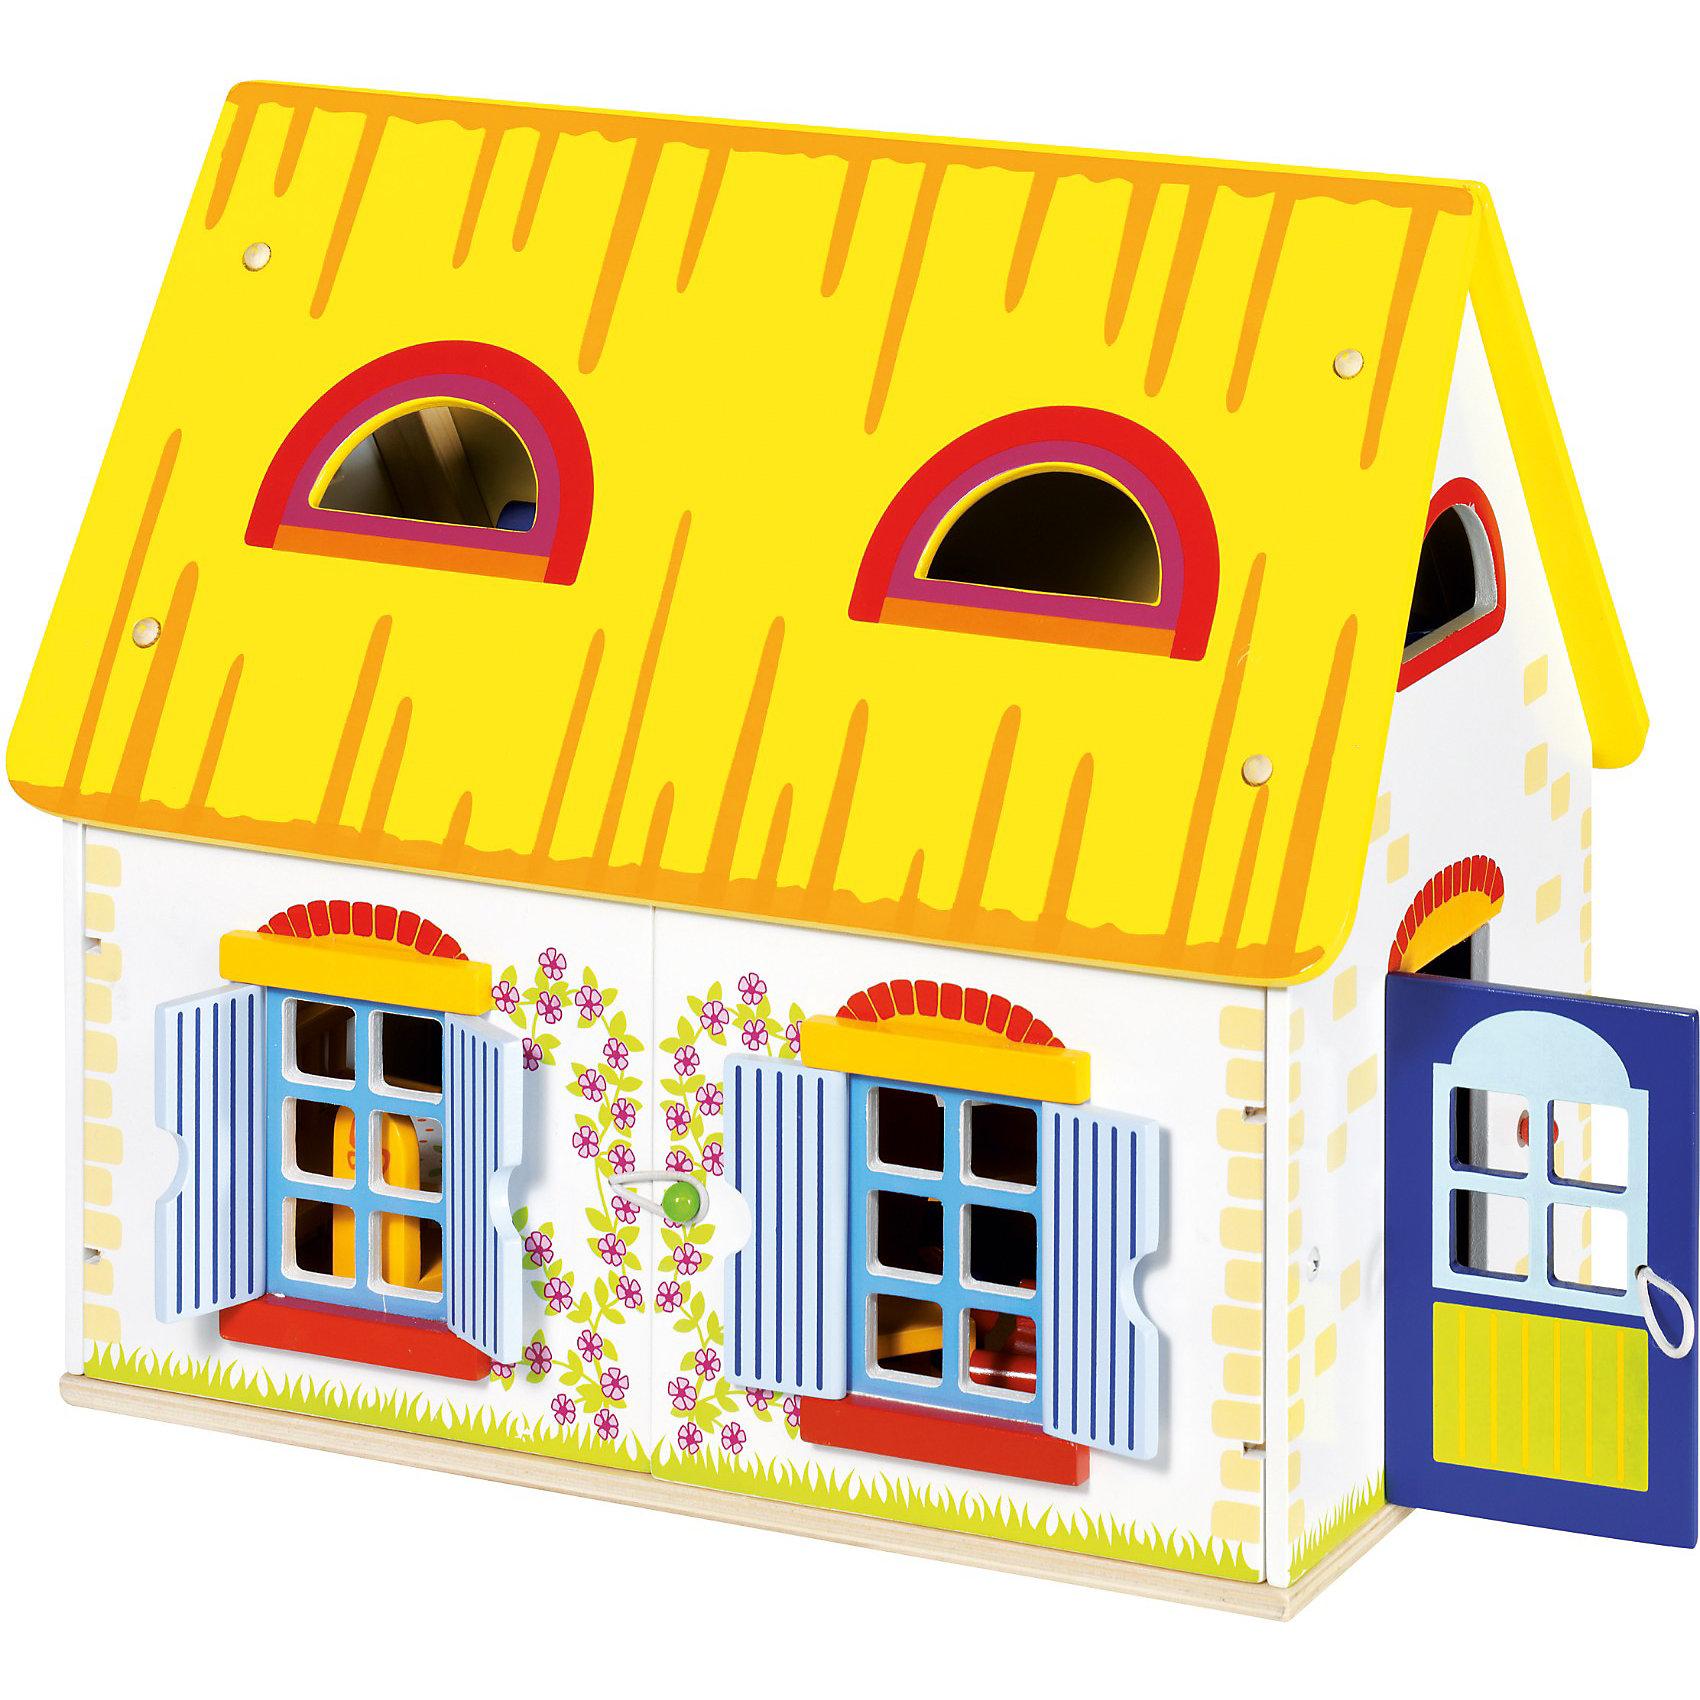 goki Кукольный дом Коттедж,  goki куплю дом или коттедж в солотче